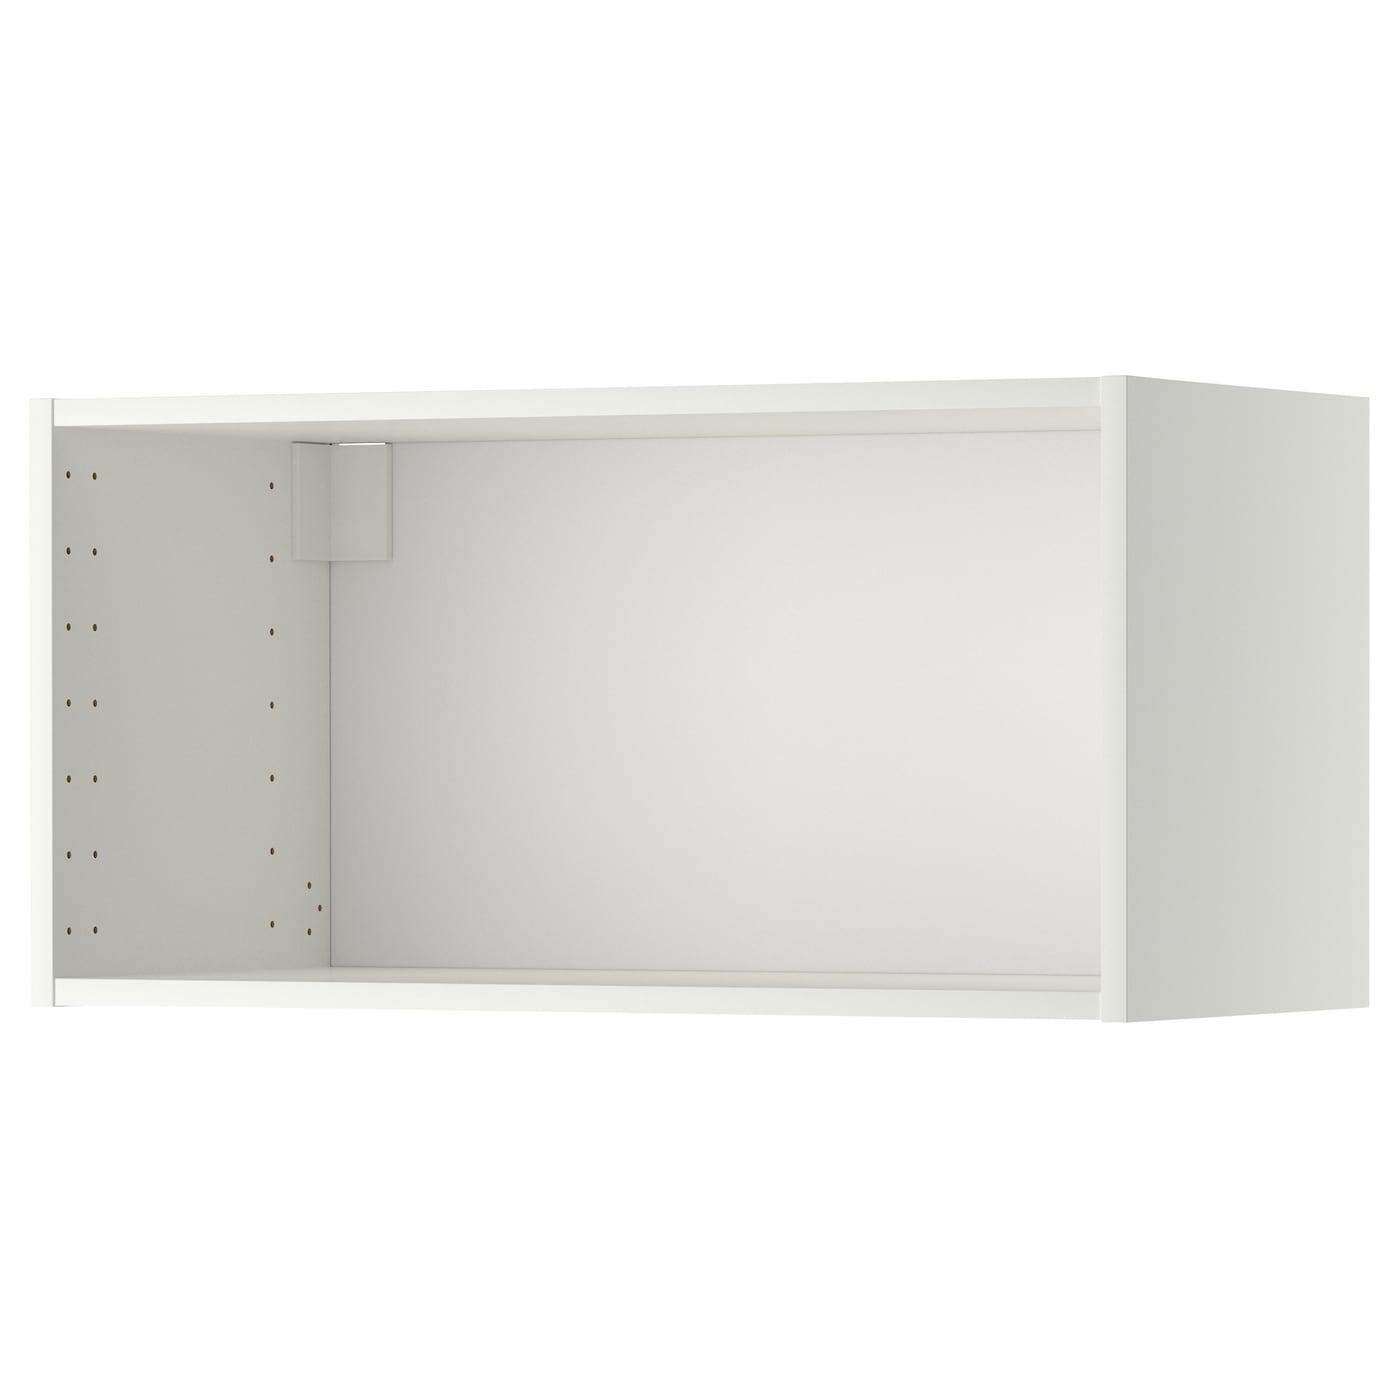 METOD Structure élément mural - blanc 15x15x15 cm